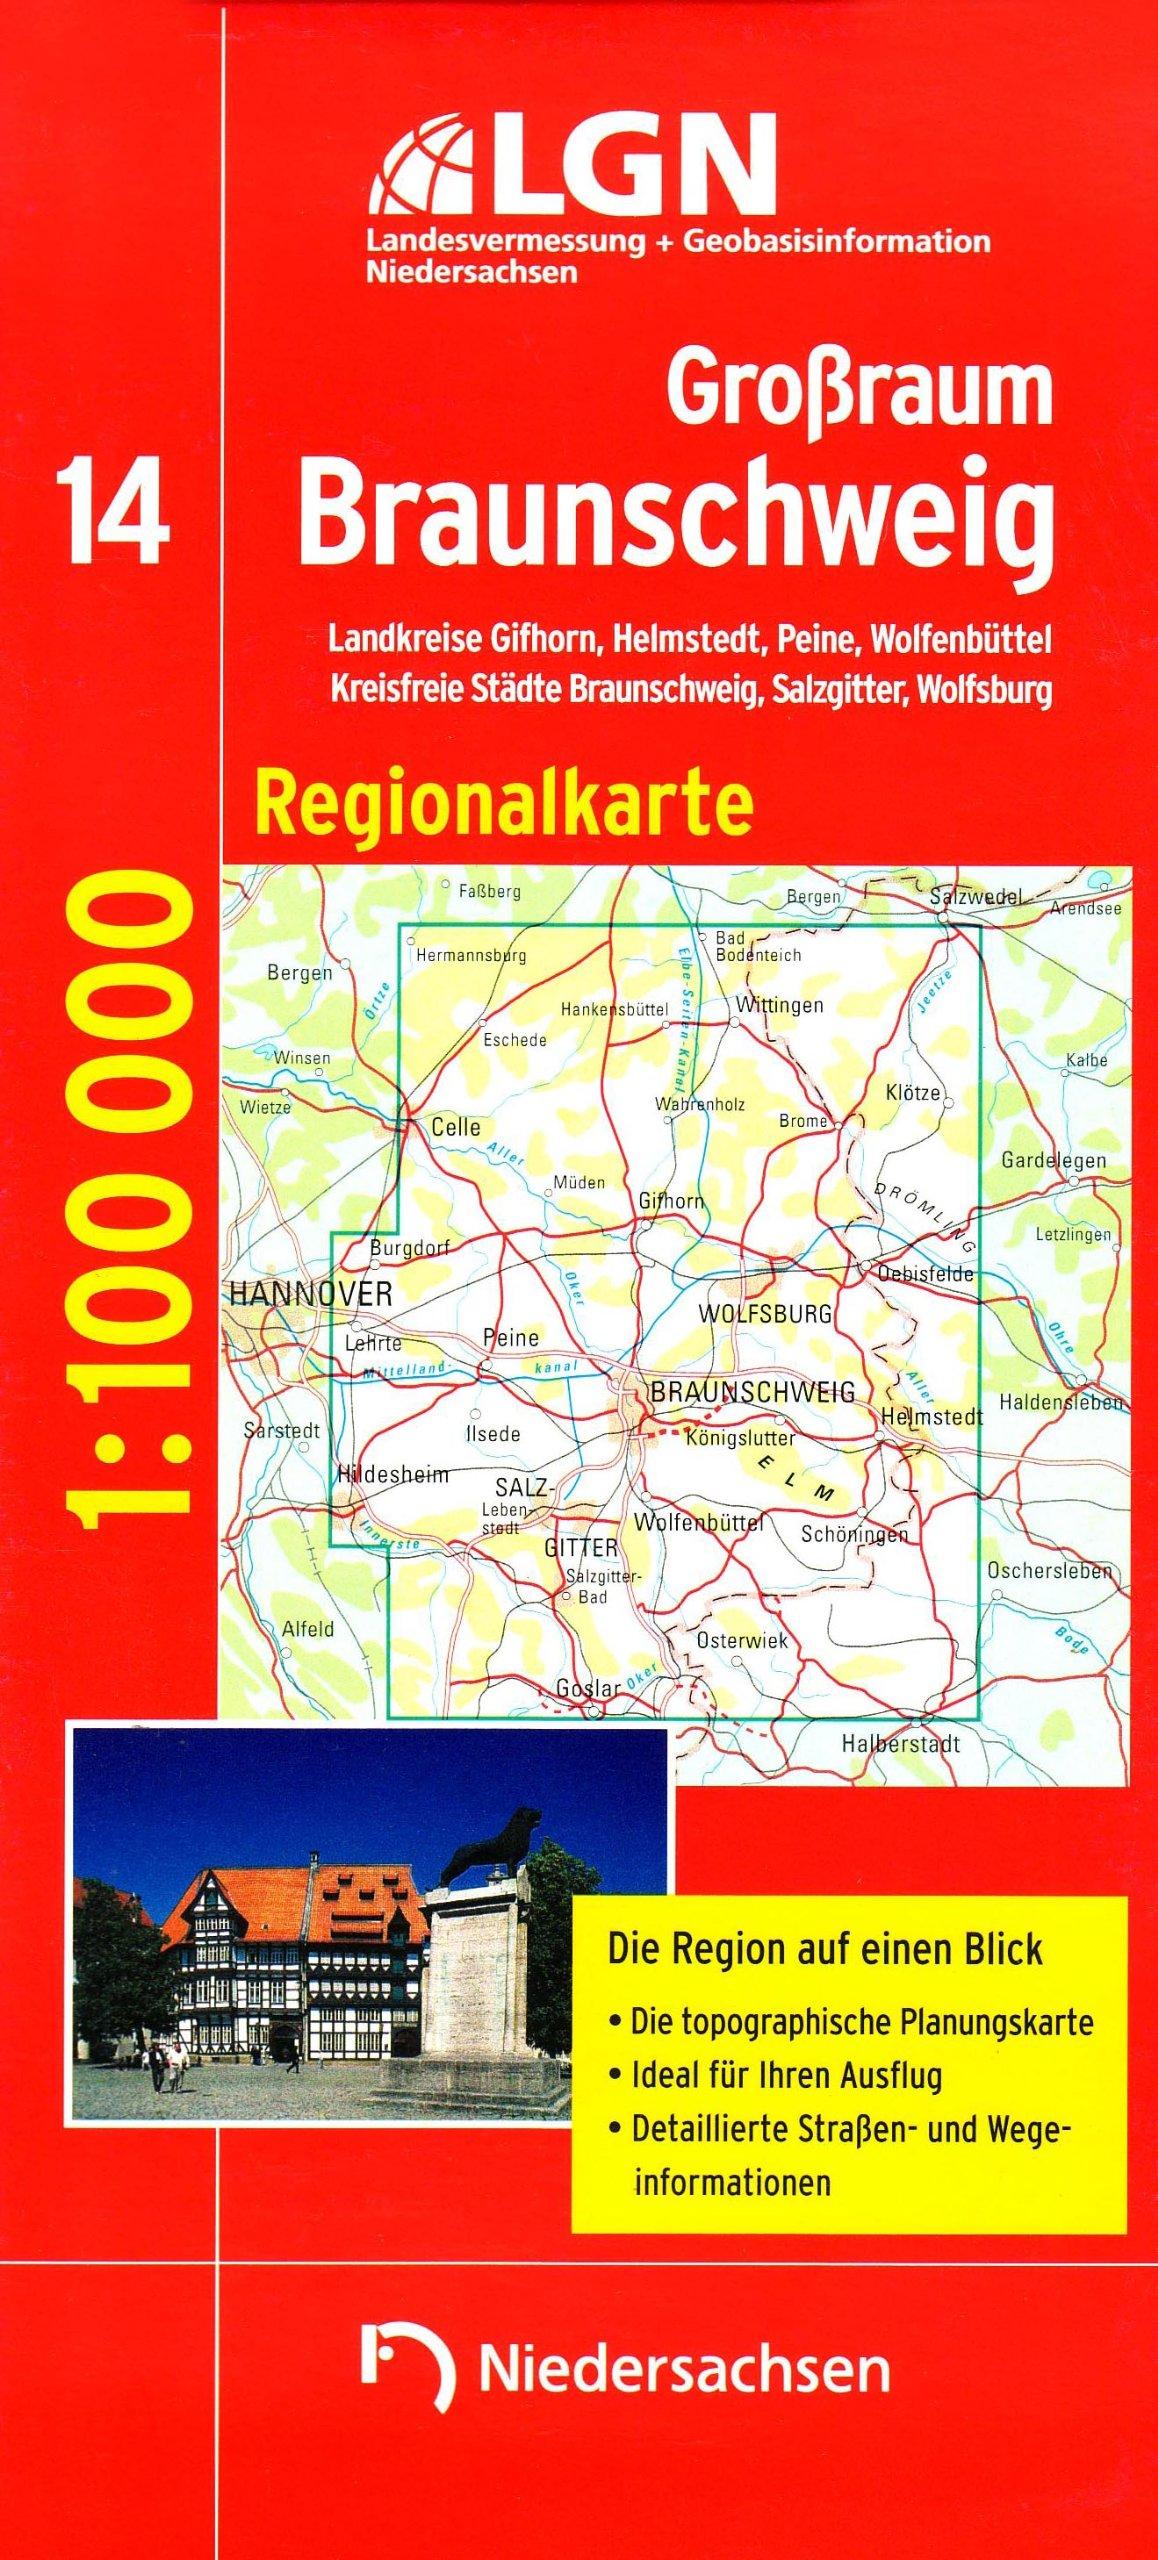 topographische-sonderkarten-niedersachsen-sonderblattschnitte-auf-der-grundlage-der-amtlichen-topographischen-karten-meistens-grsseres-1-100000-cr-grossraum-braunschweig-n